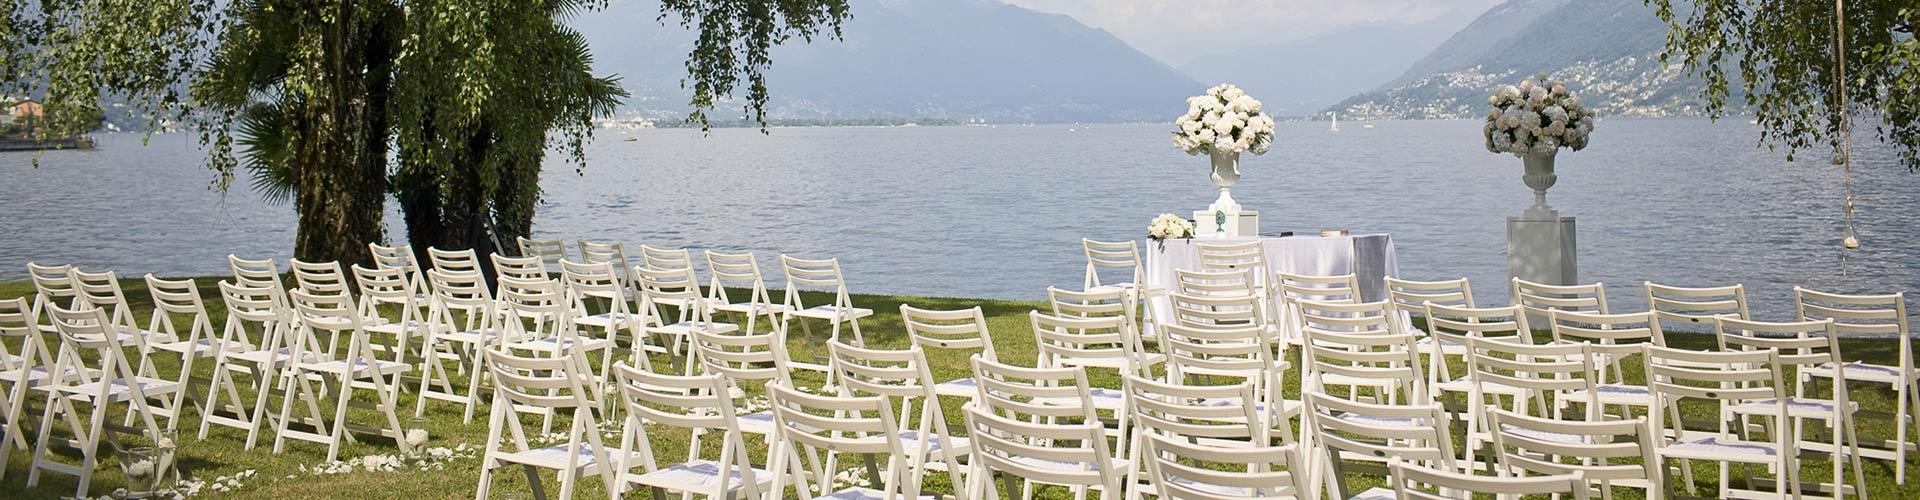 Matrimonio Lago Toscana : Matrimonio al lago maggiore dalla cerimonia alle location per